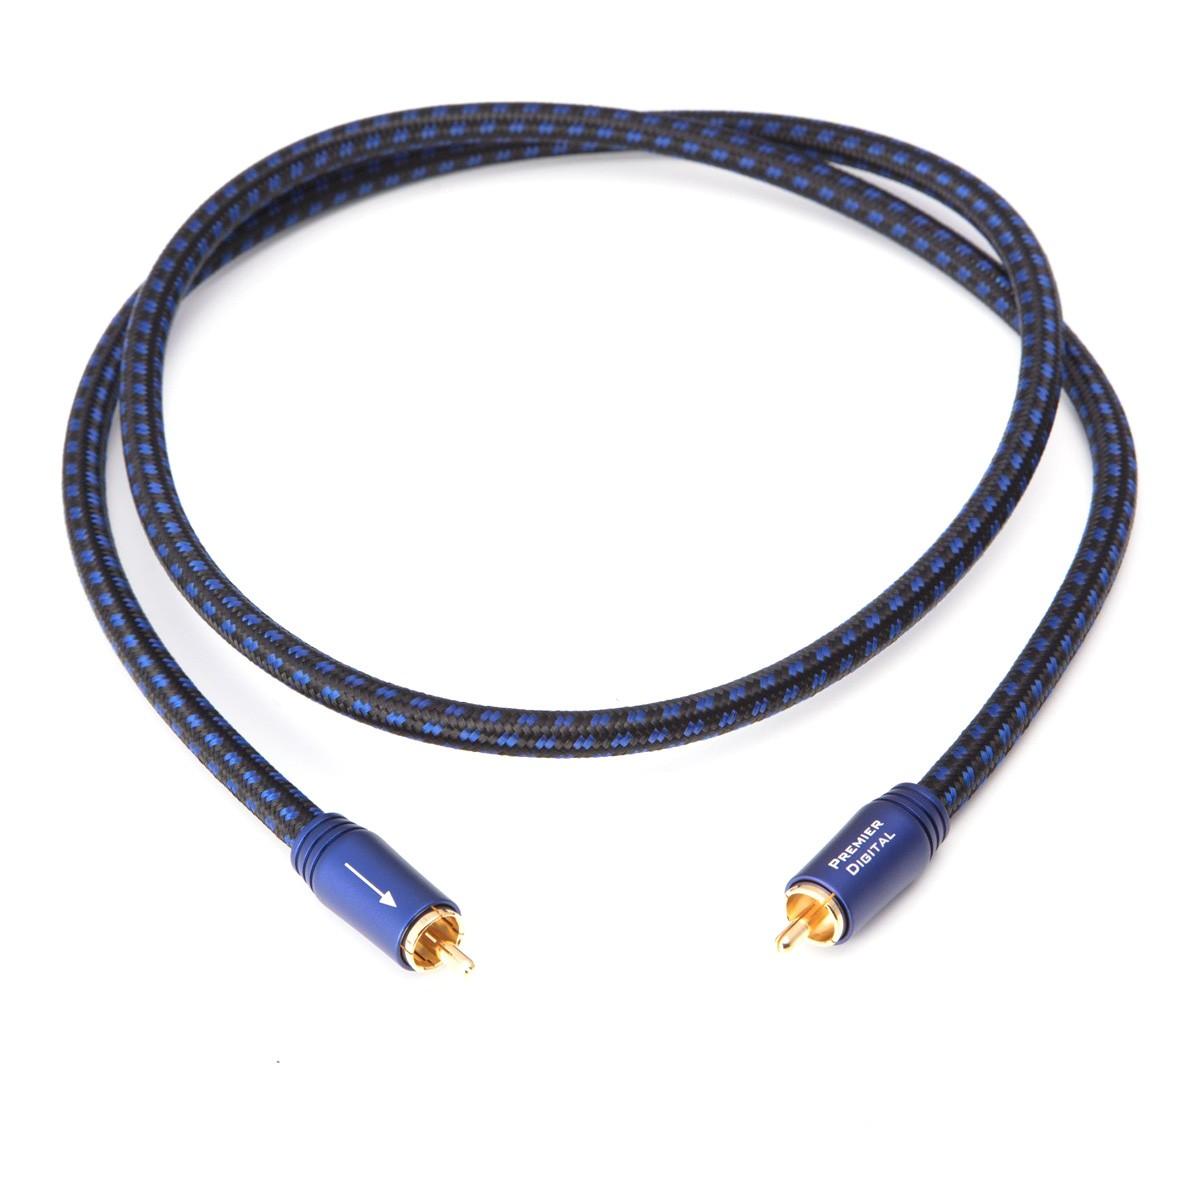 PANGEA PREMIER Câble Coaxial Cuivre OFC Plaqué Argent Double Blindage 0.6m